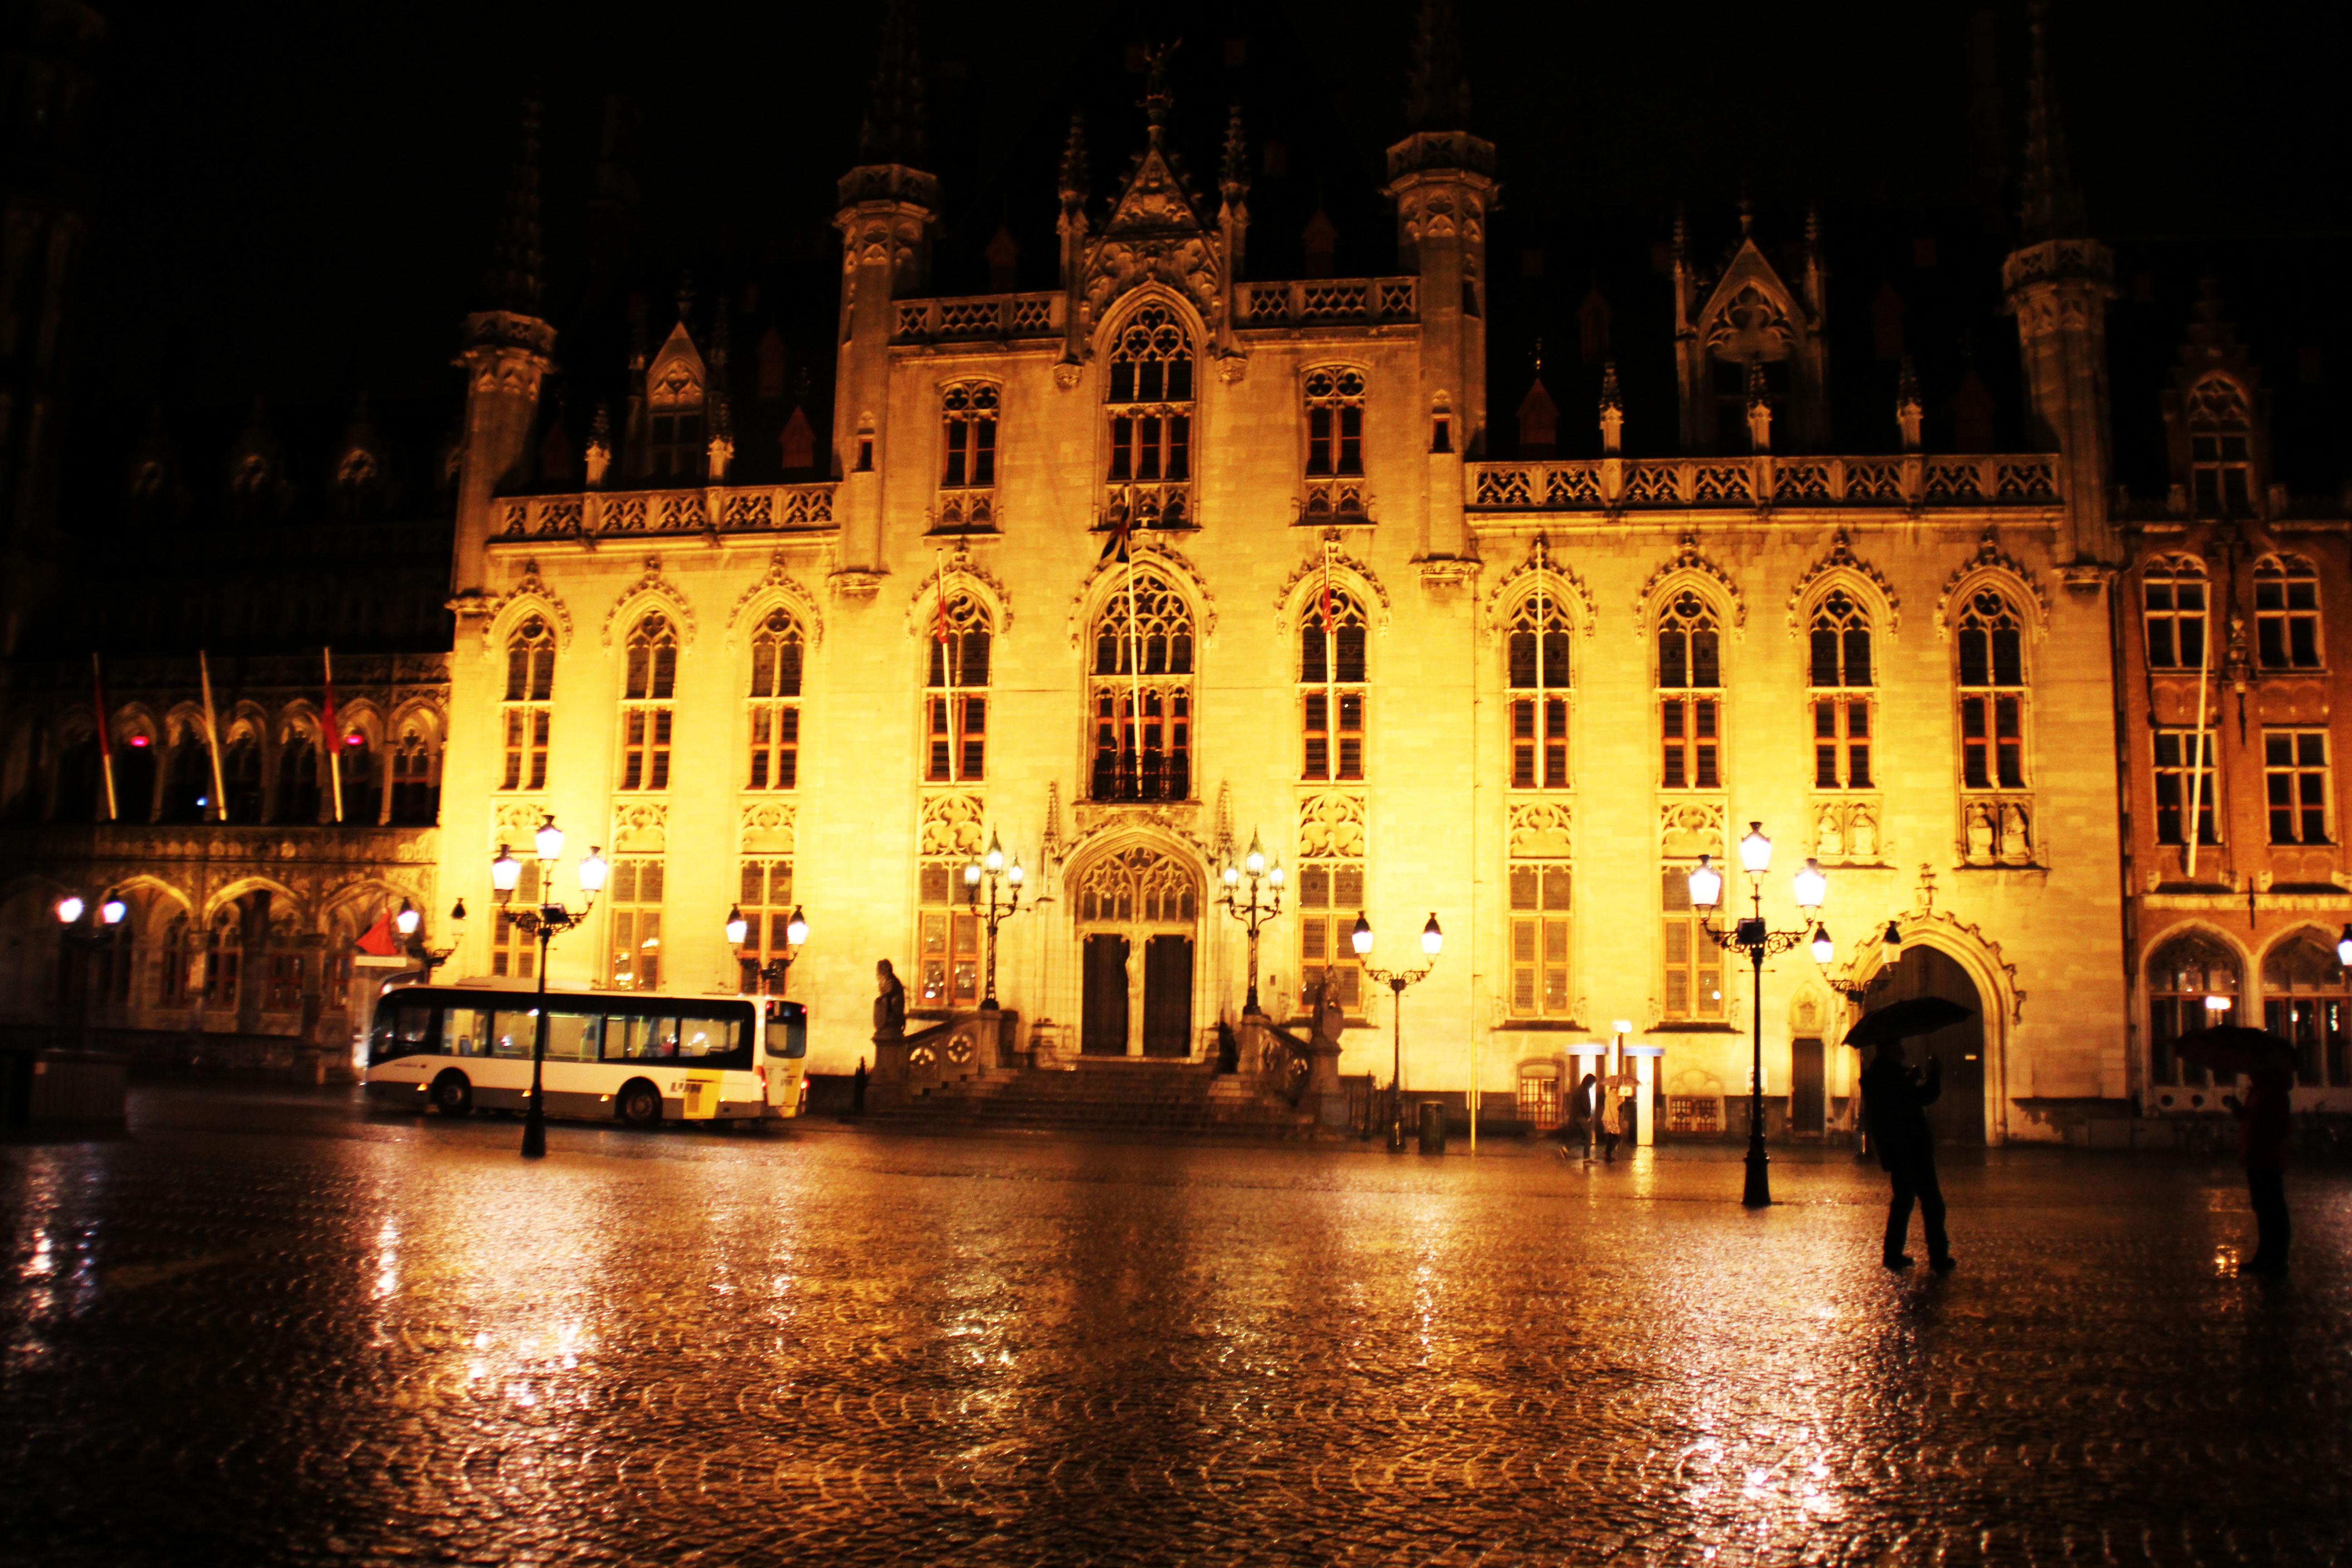 Una giornata a Bruges per innamorarsi 6